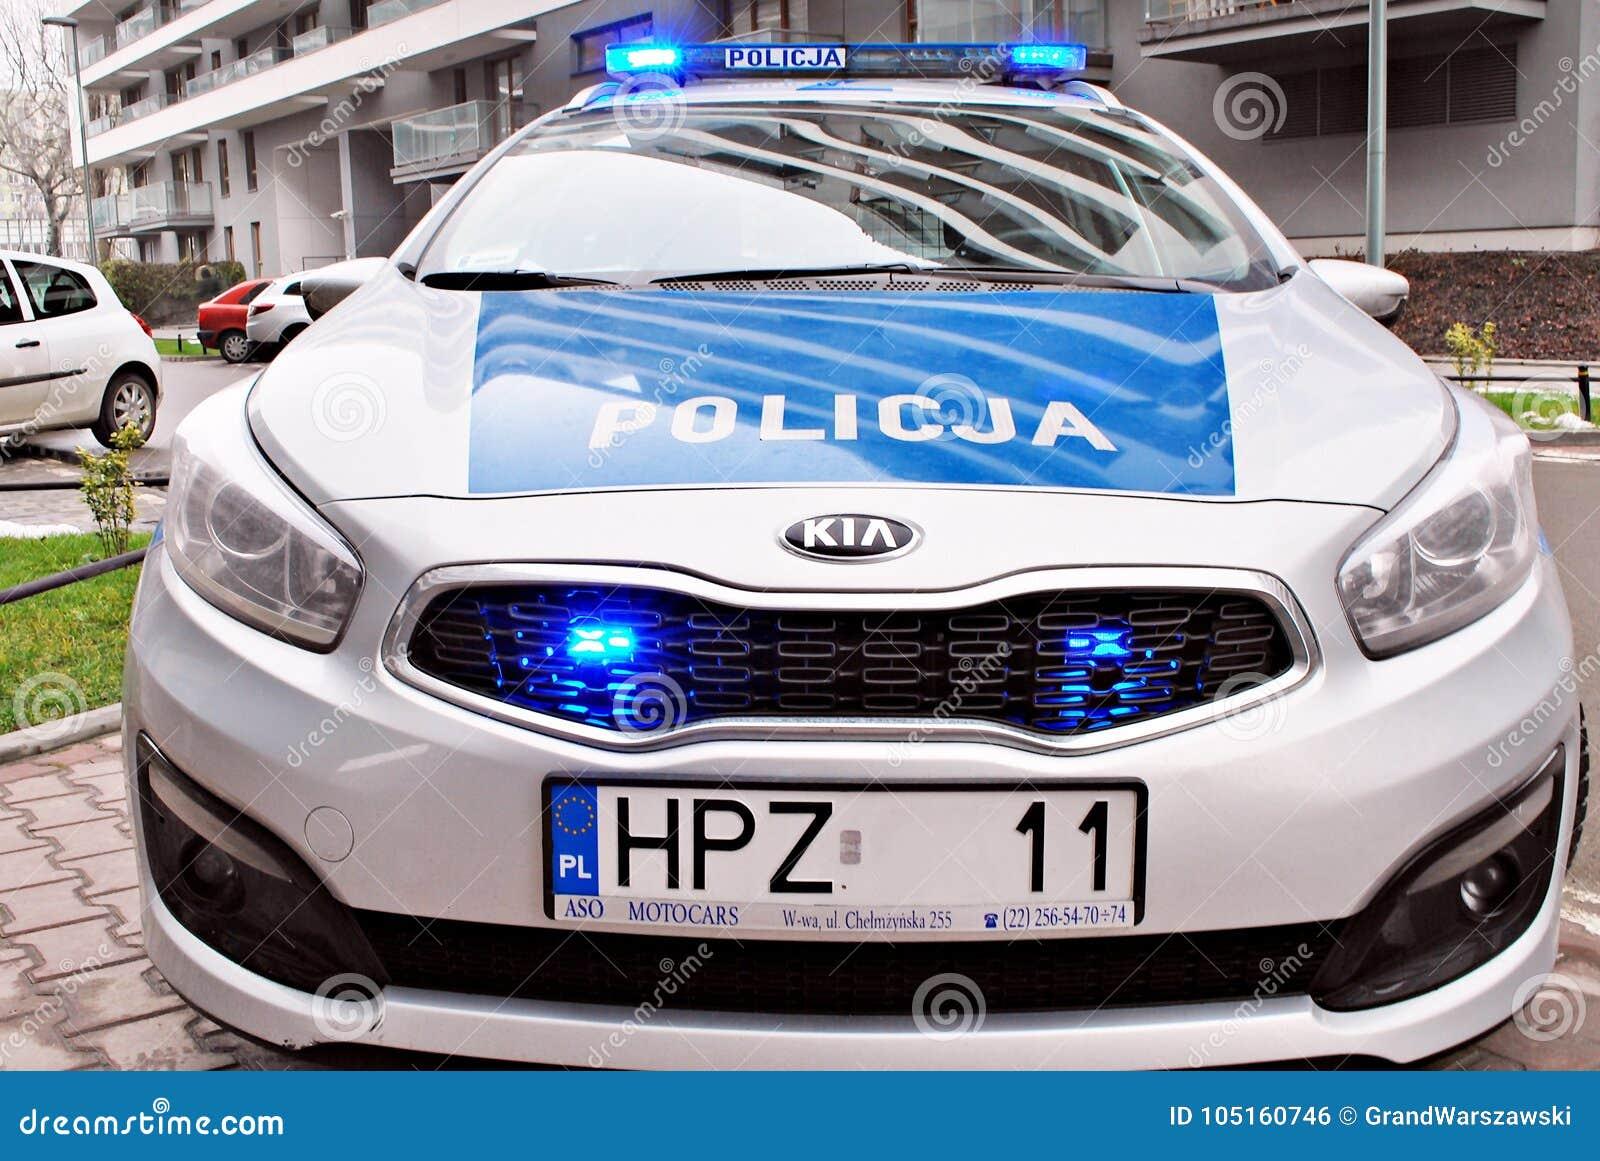 האחרון Kia Seed Polish Police Car At The City Street. Editorial Photo QG-46